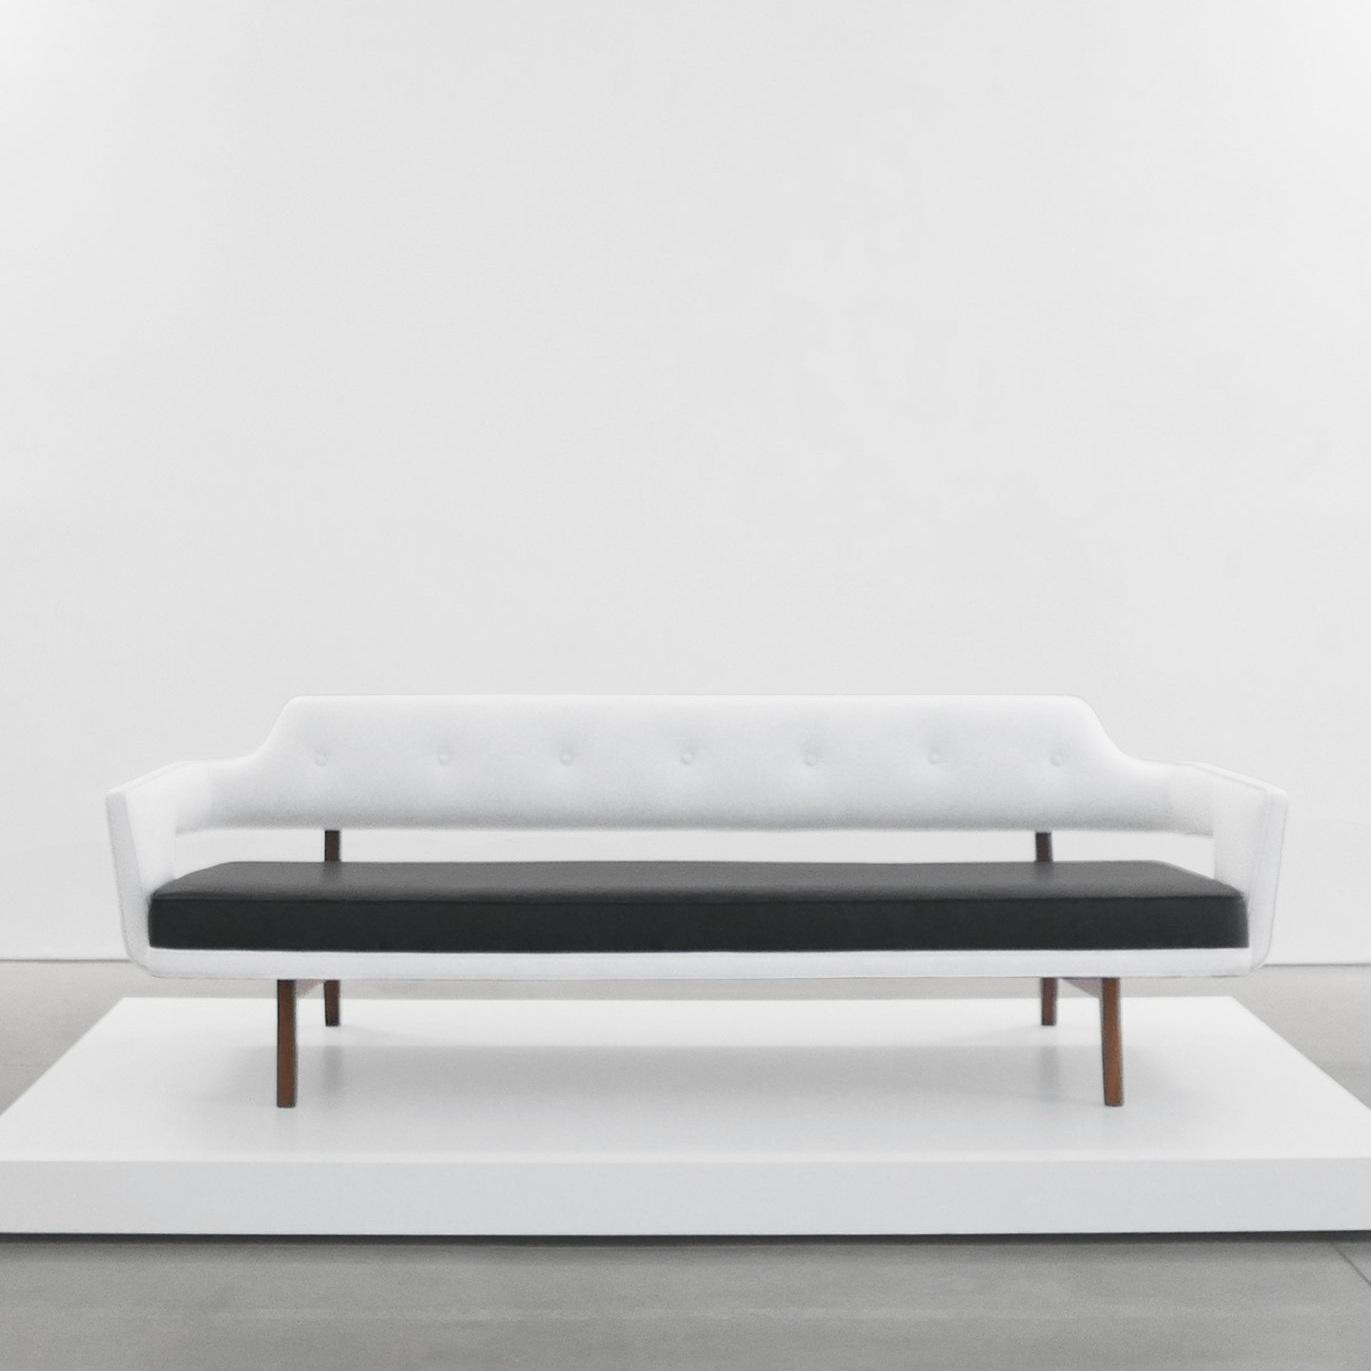 edward wormley sculptural sofa sold